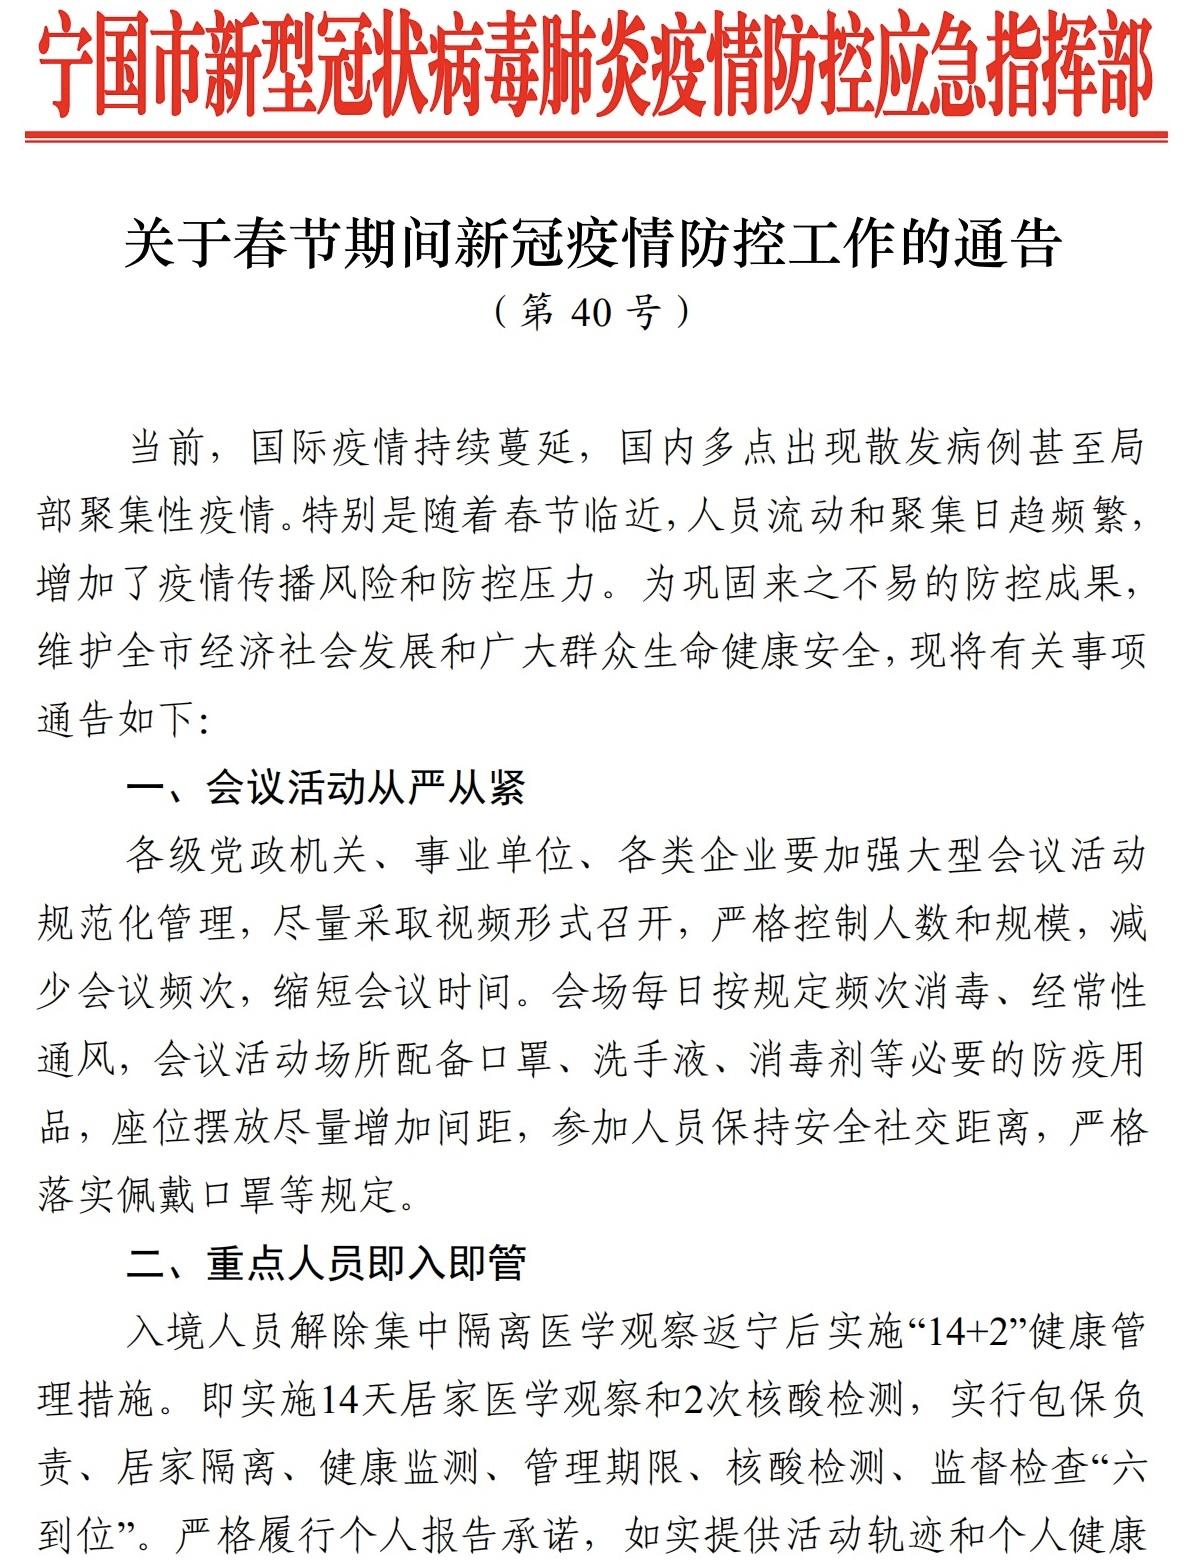 关于春节期间新冠疫情防控工作的通告 - 宁国论坛 - 0f71766243404231fb014339abd6987.jpg